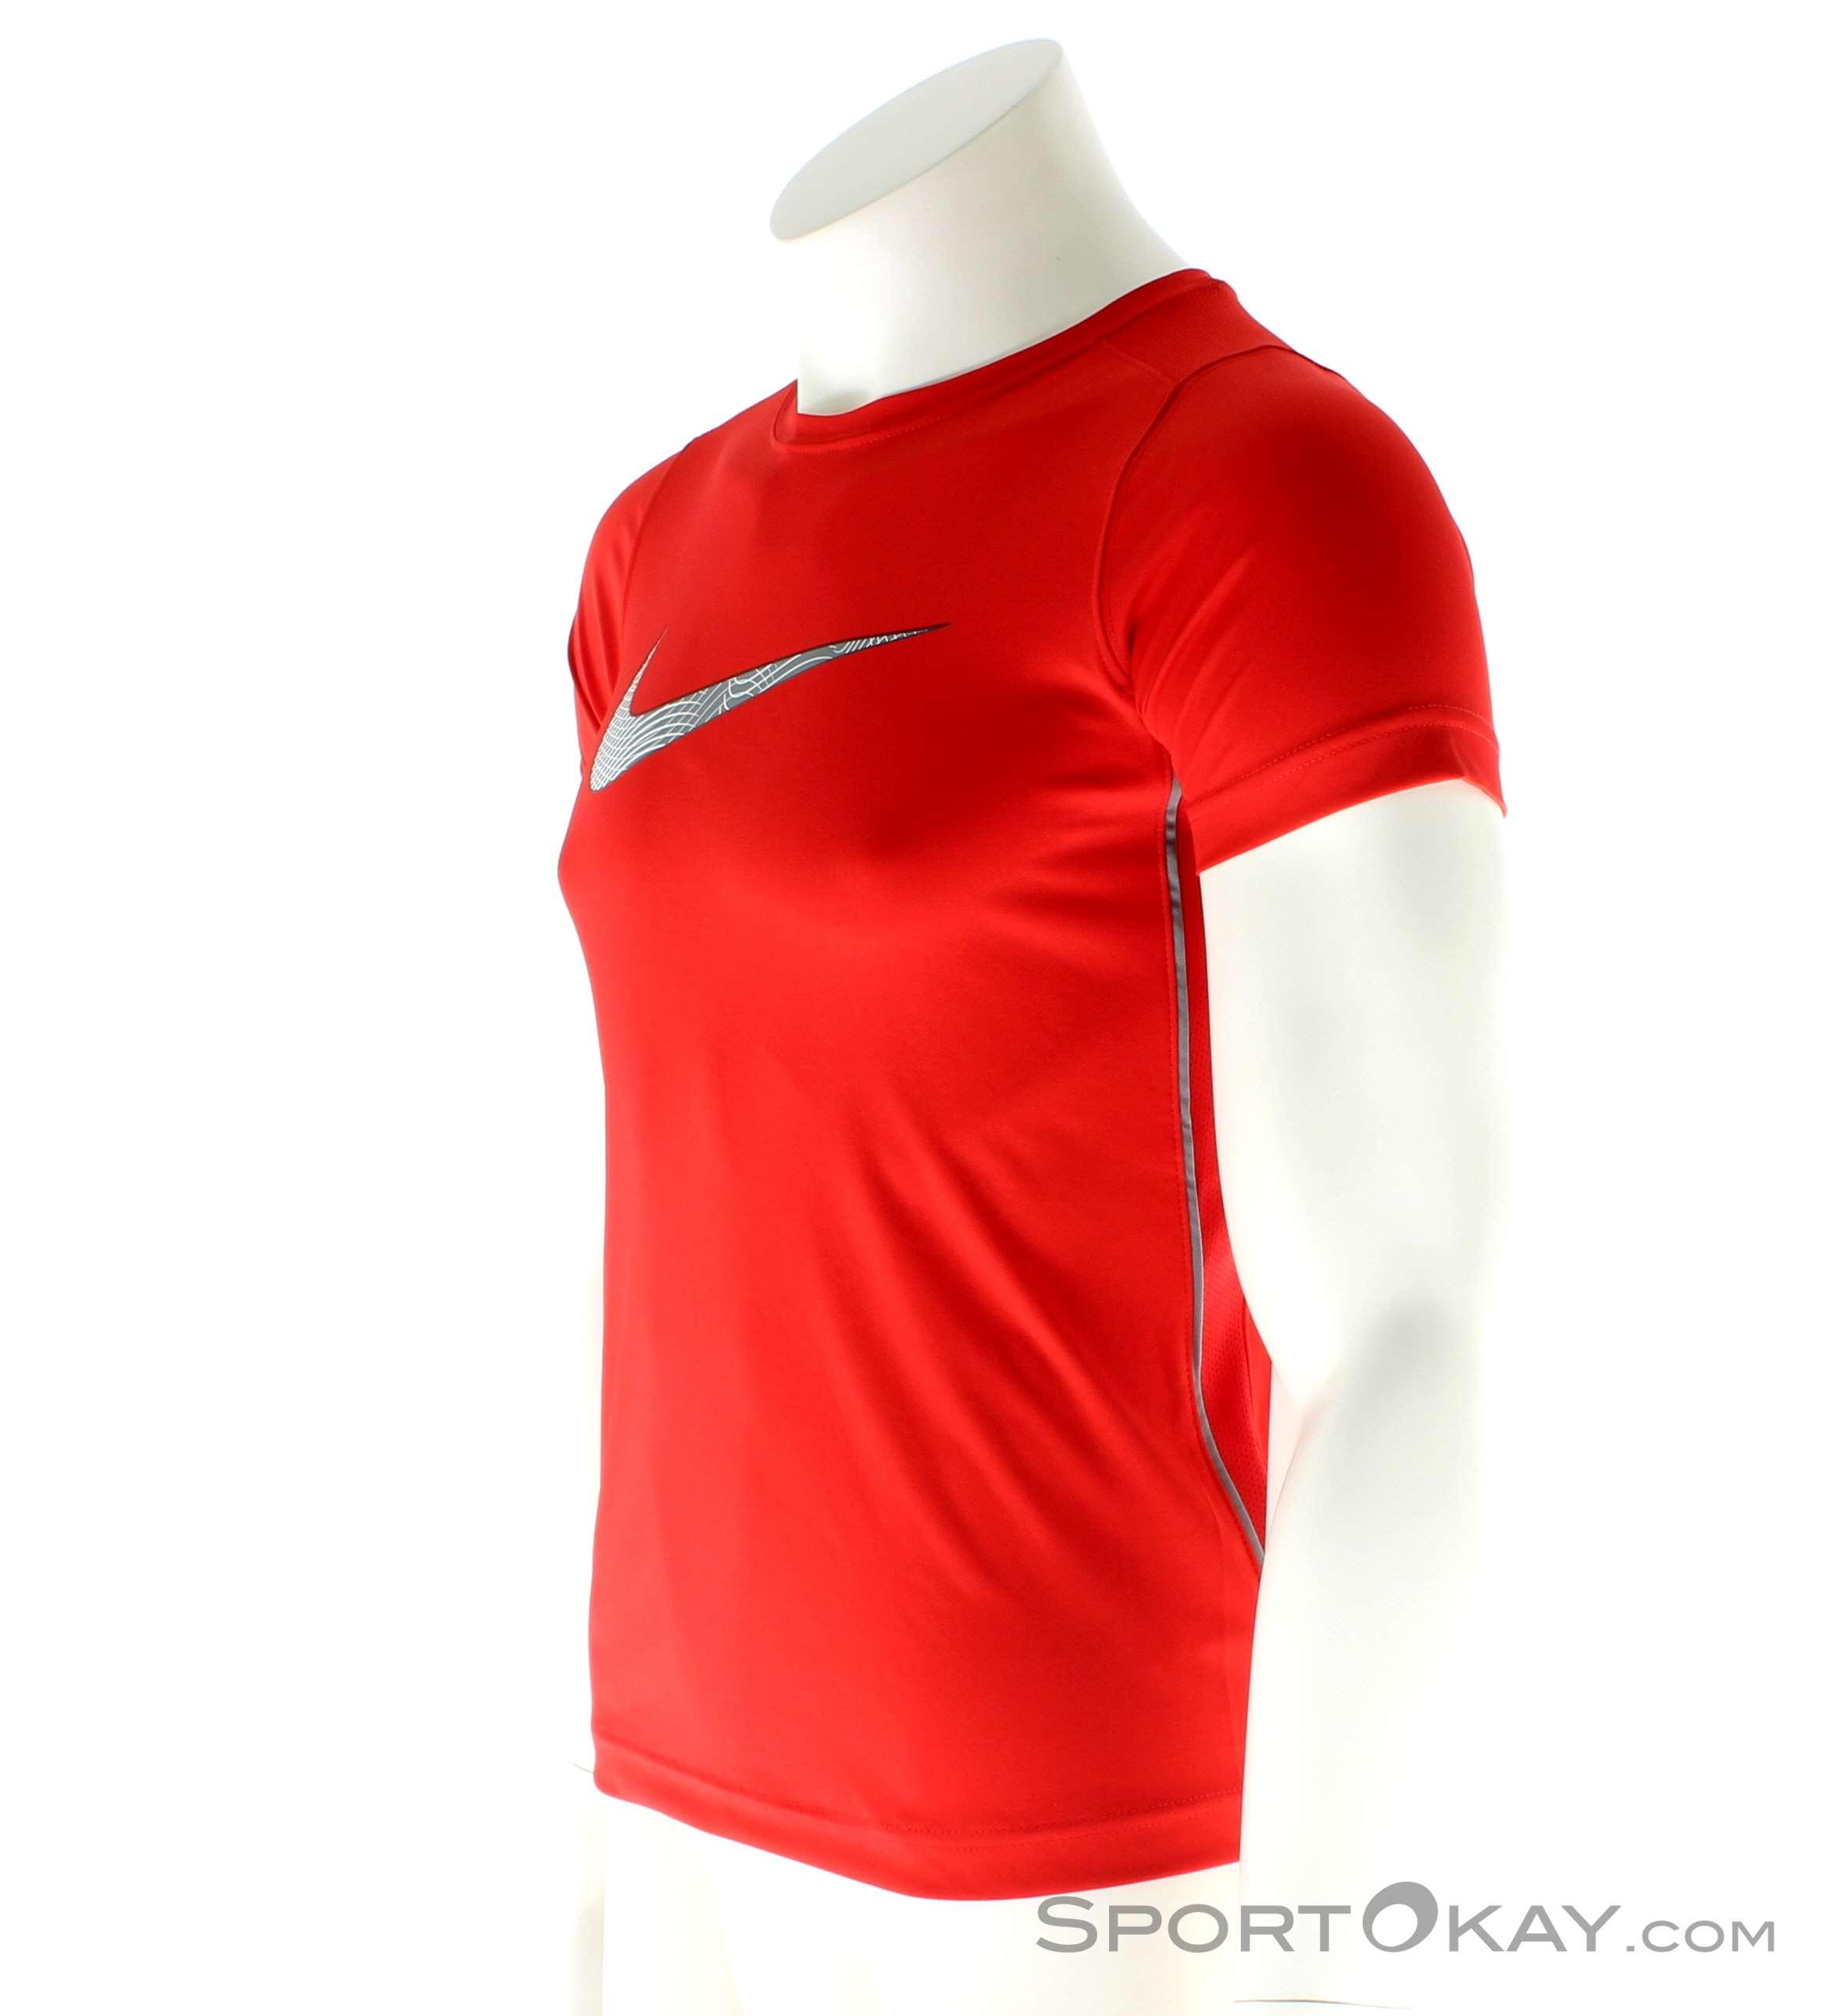 abd3ca9261 Nike Legacy Graphic Bambino Maglietta, Nike, Rosso, , Bambino, 0026-10329